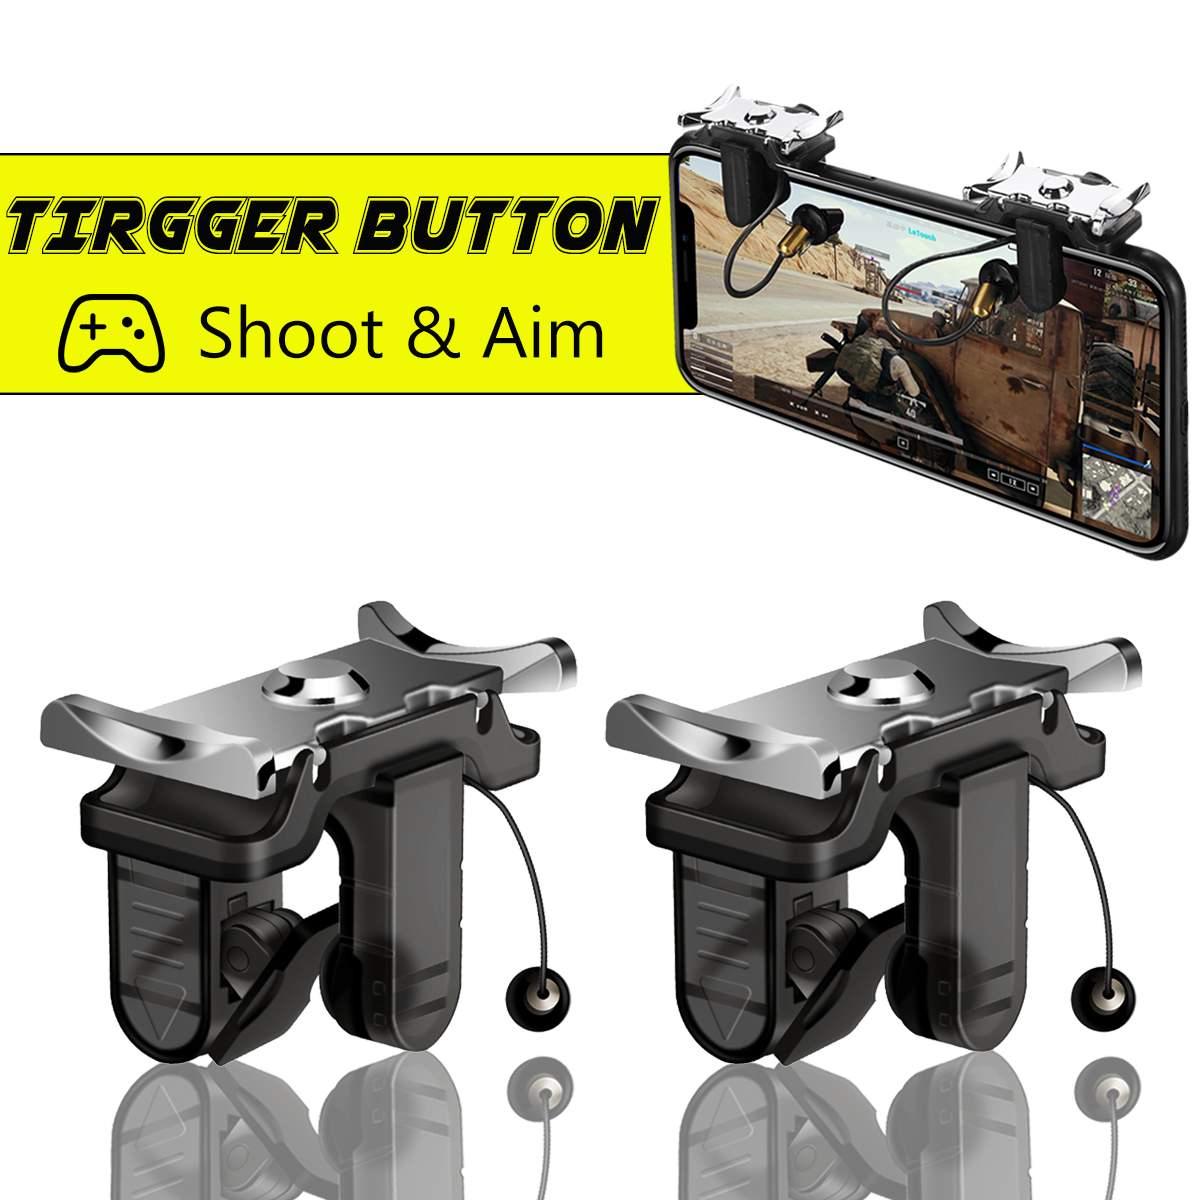 Videospiele Für Pubg Mobile Gamepad Joystick Gaming Trigger Sechs-finger Verknüpfung L1r1 Shooter Controller Spiele Taste Ziel Schlüssel Für Smartphone Unterhaltungselektronik